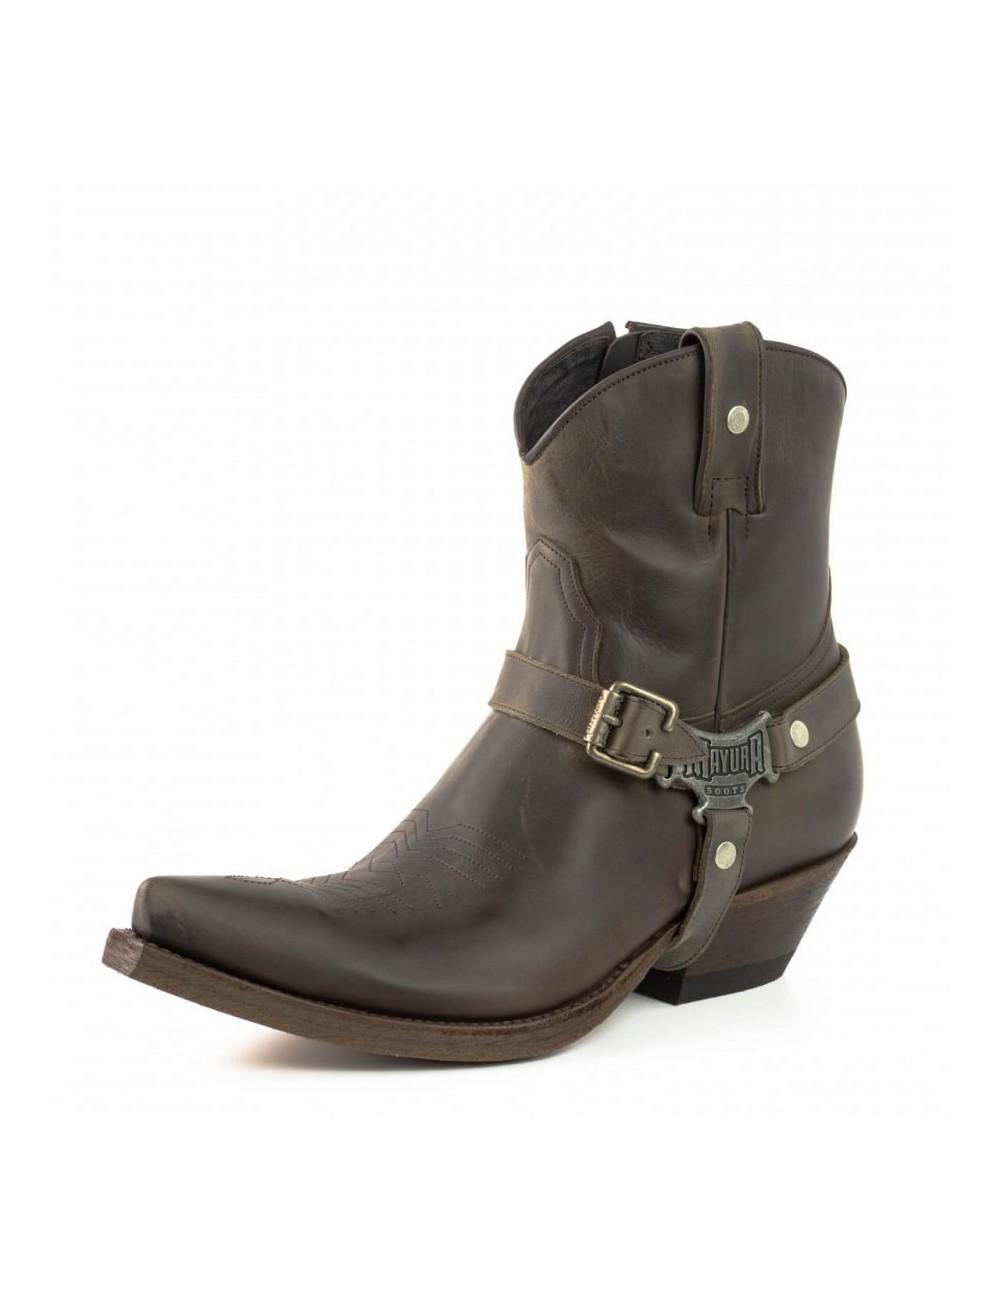 Bottines cowboy cuir marron